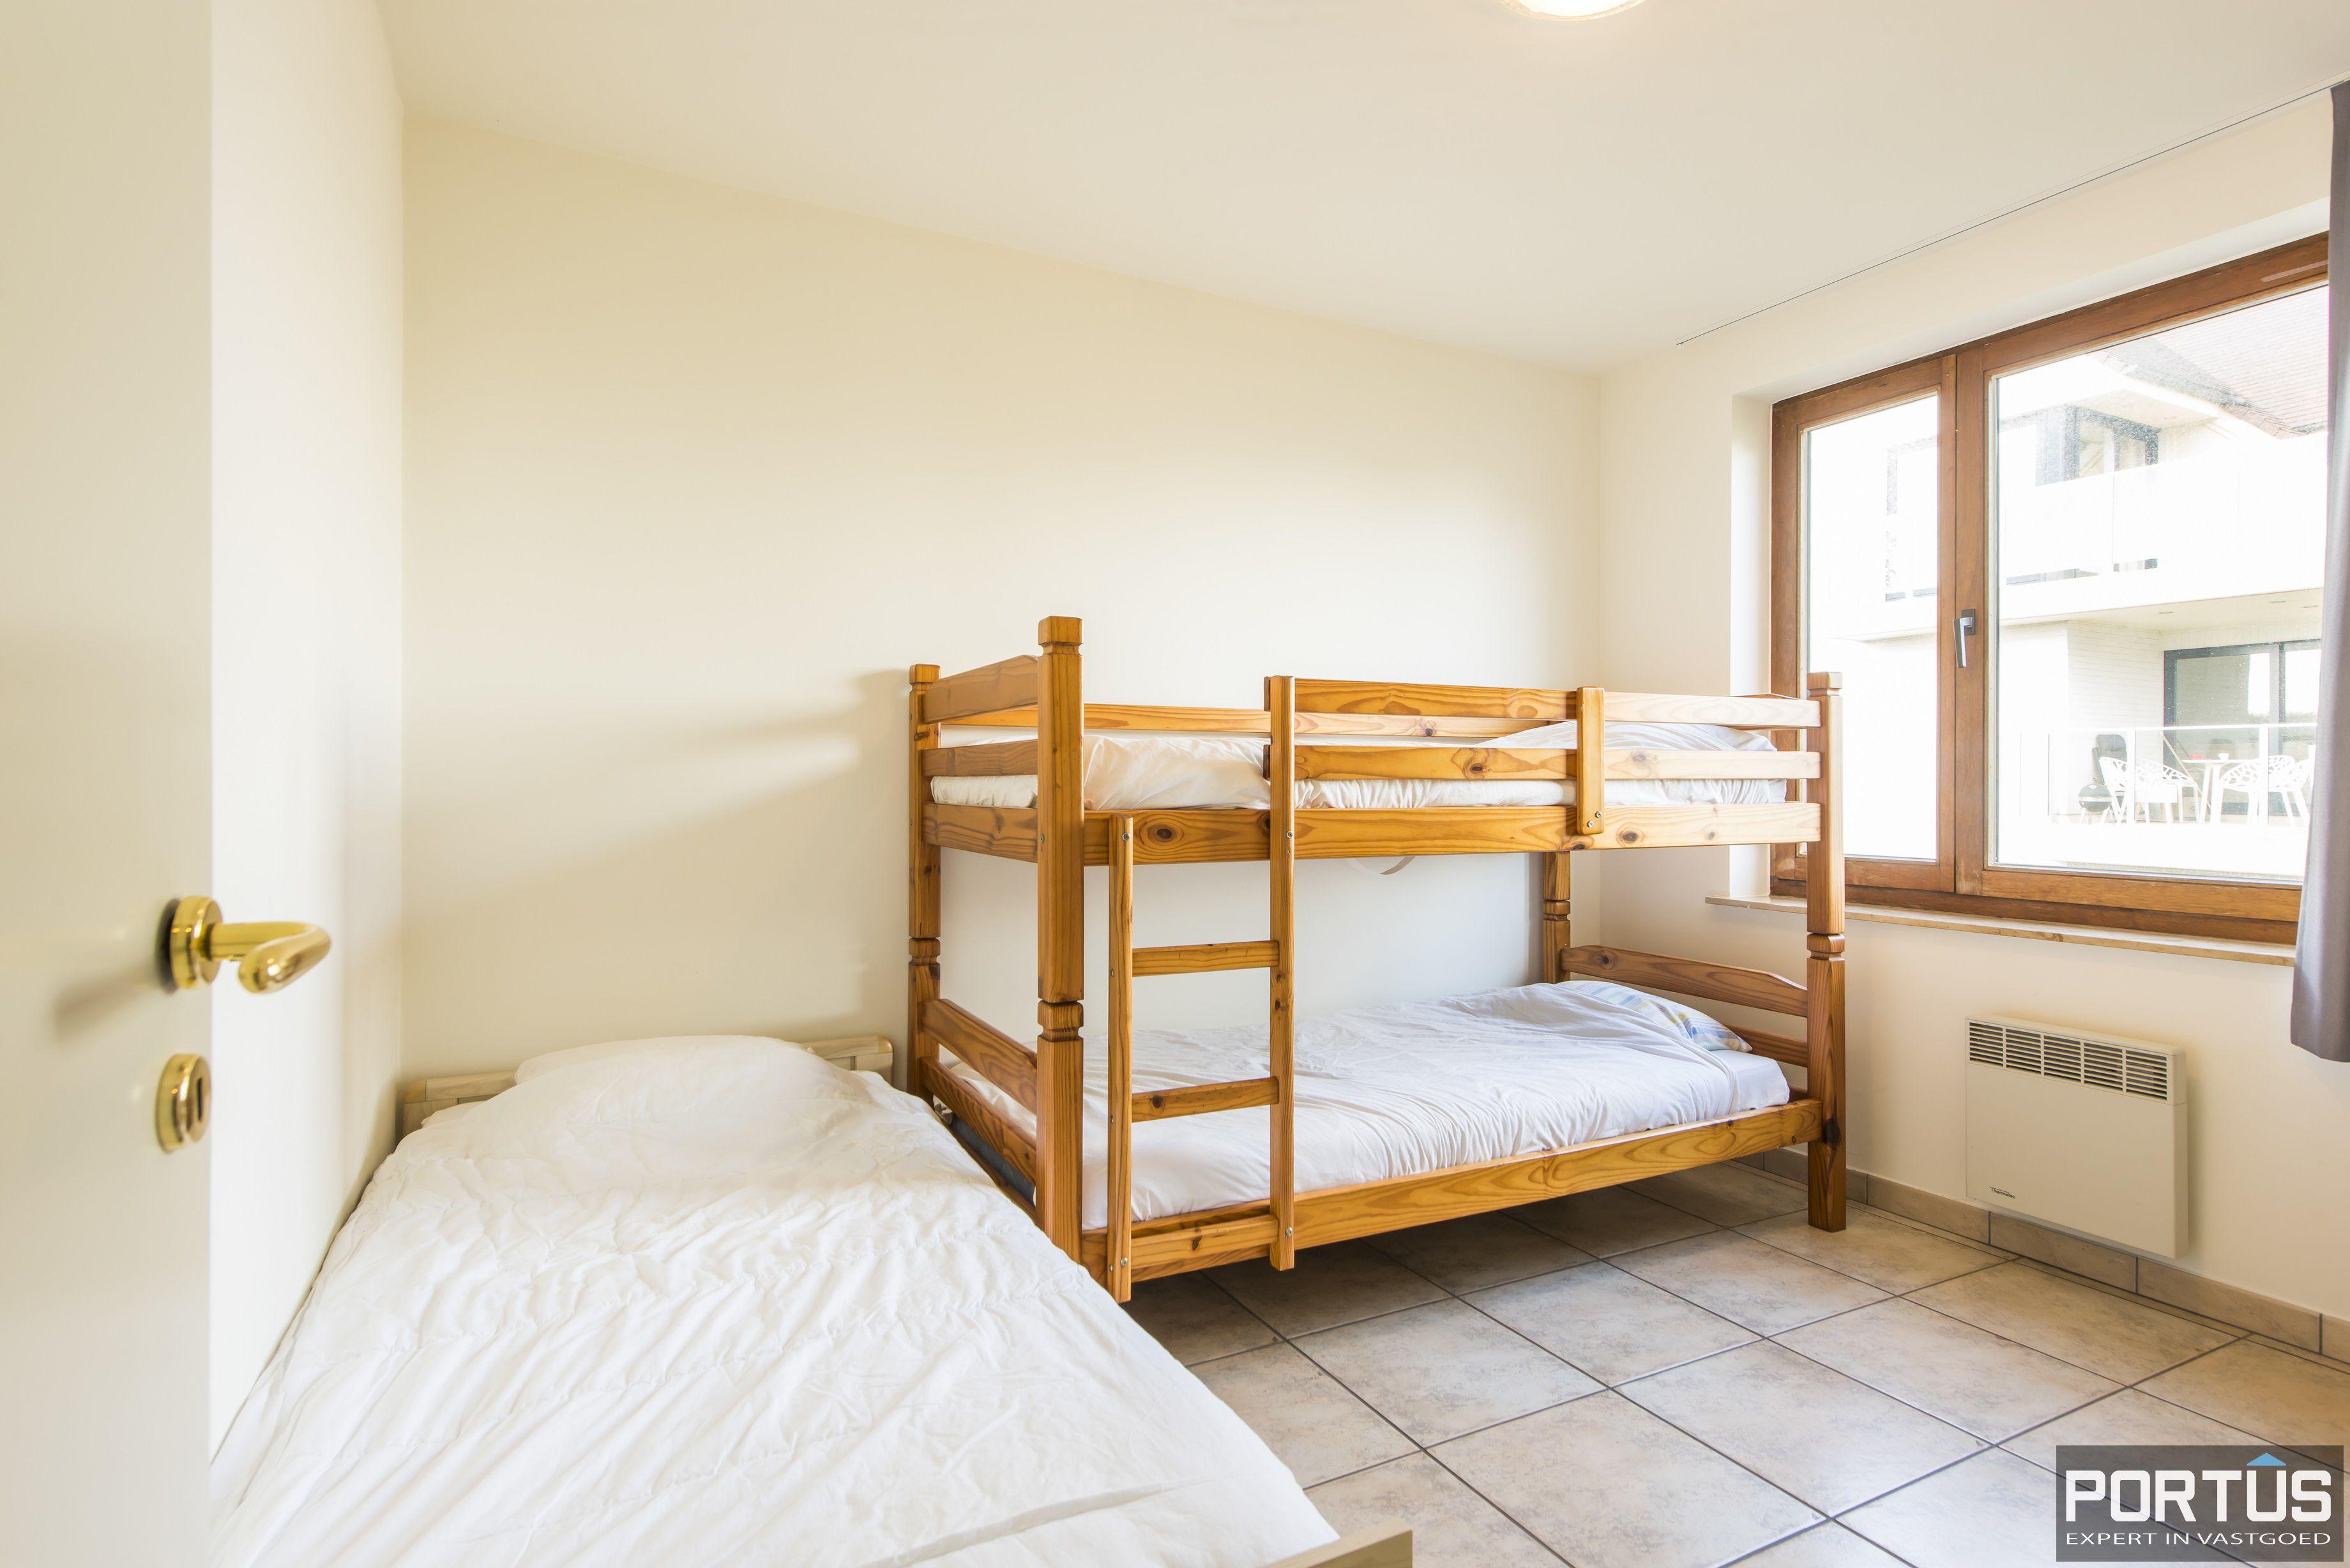 Zongericht en rustig gelegen appartement met 3 slaapkamers te koop te Oostduinkerke - 10692